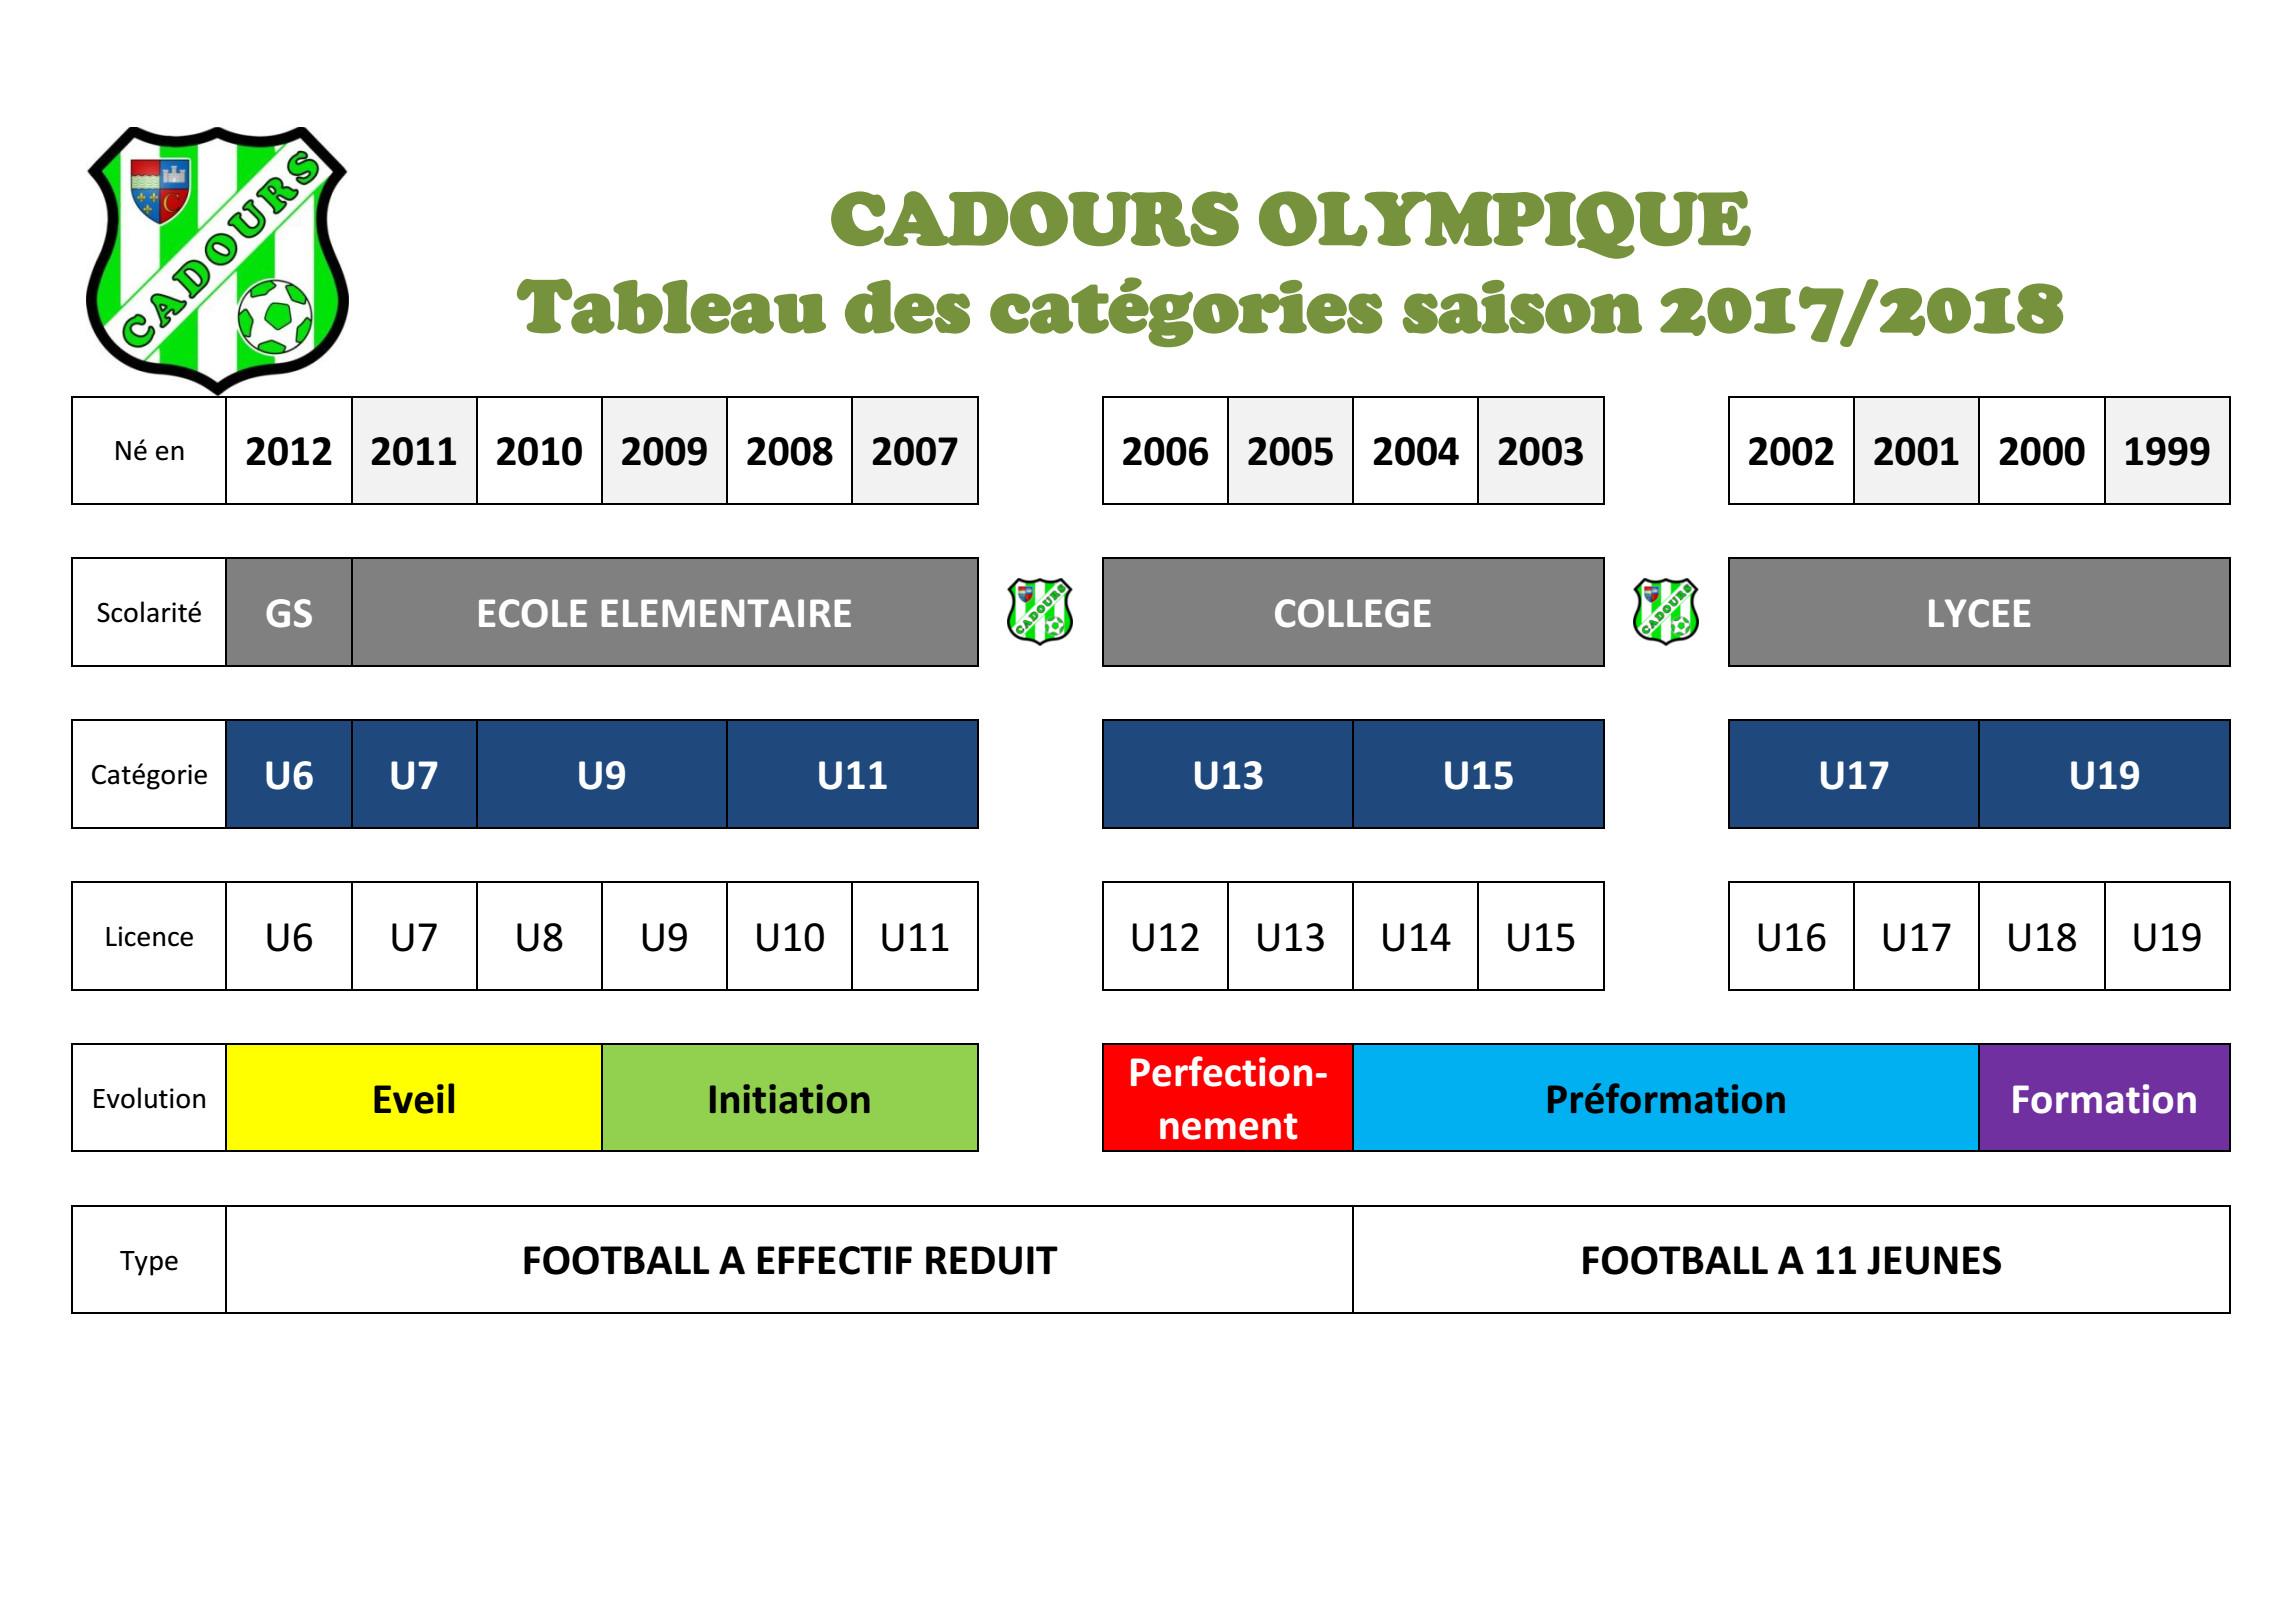 Catégories 2017/2018